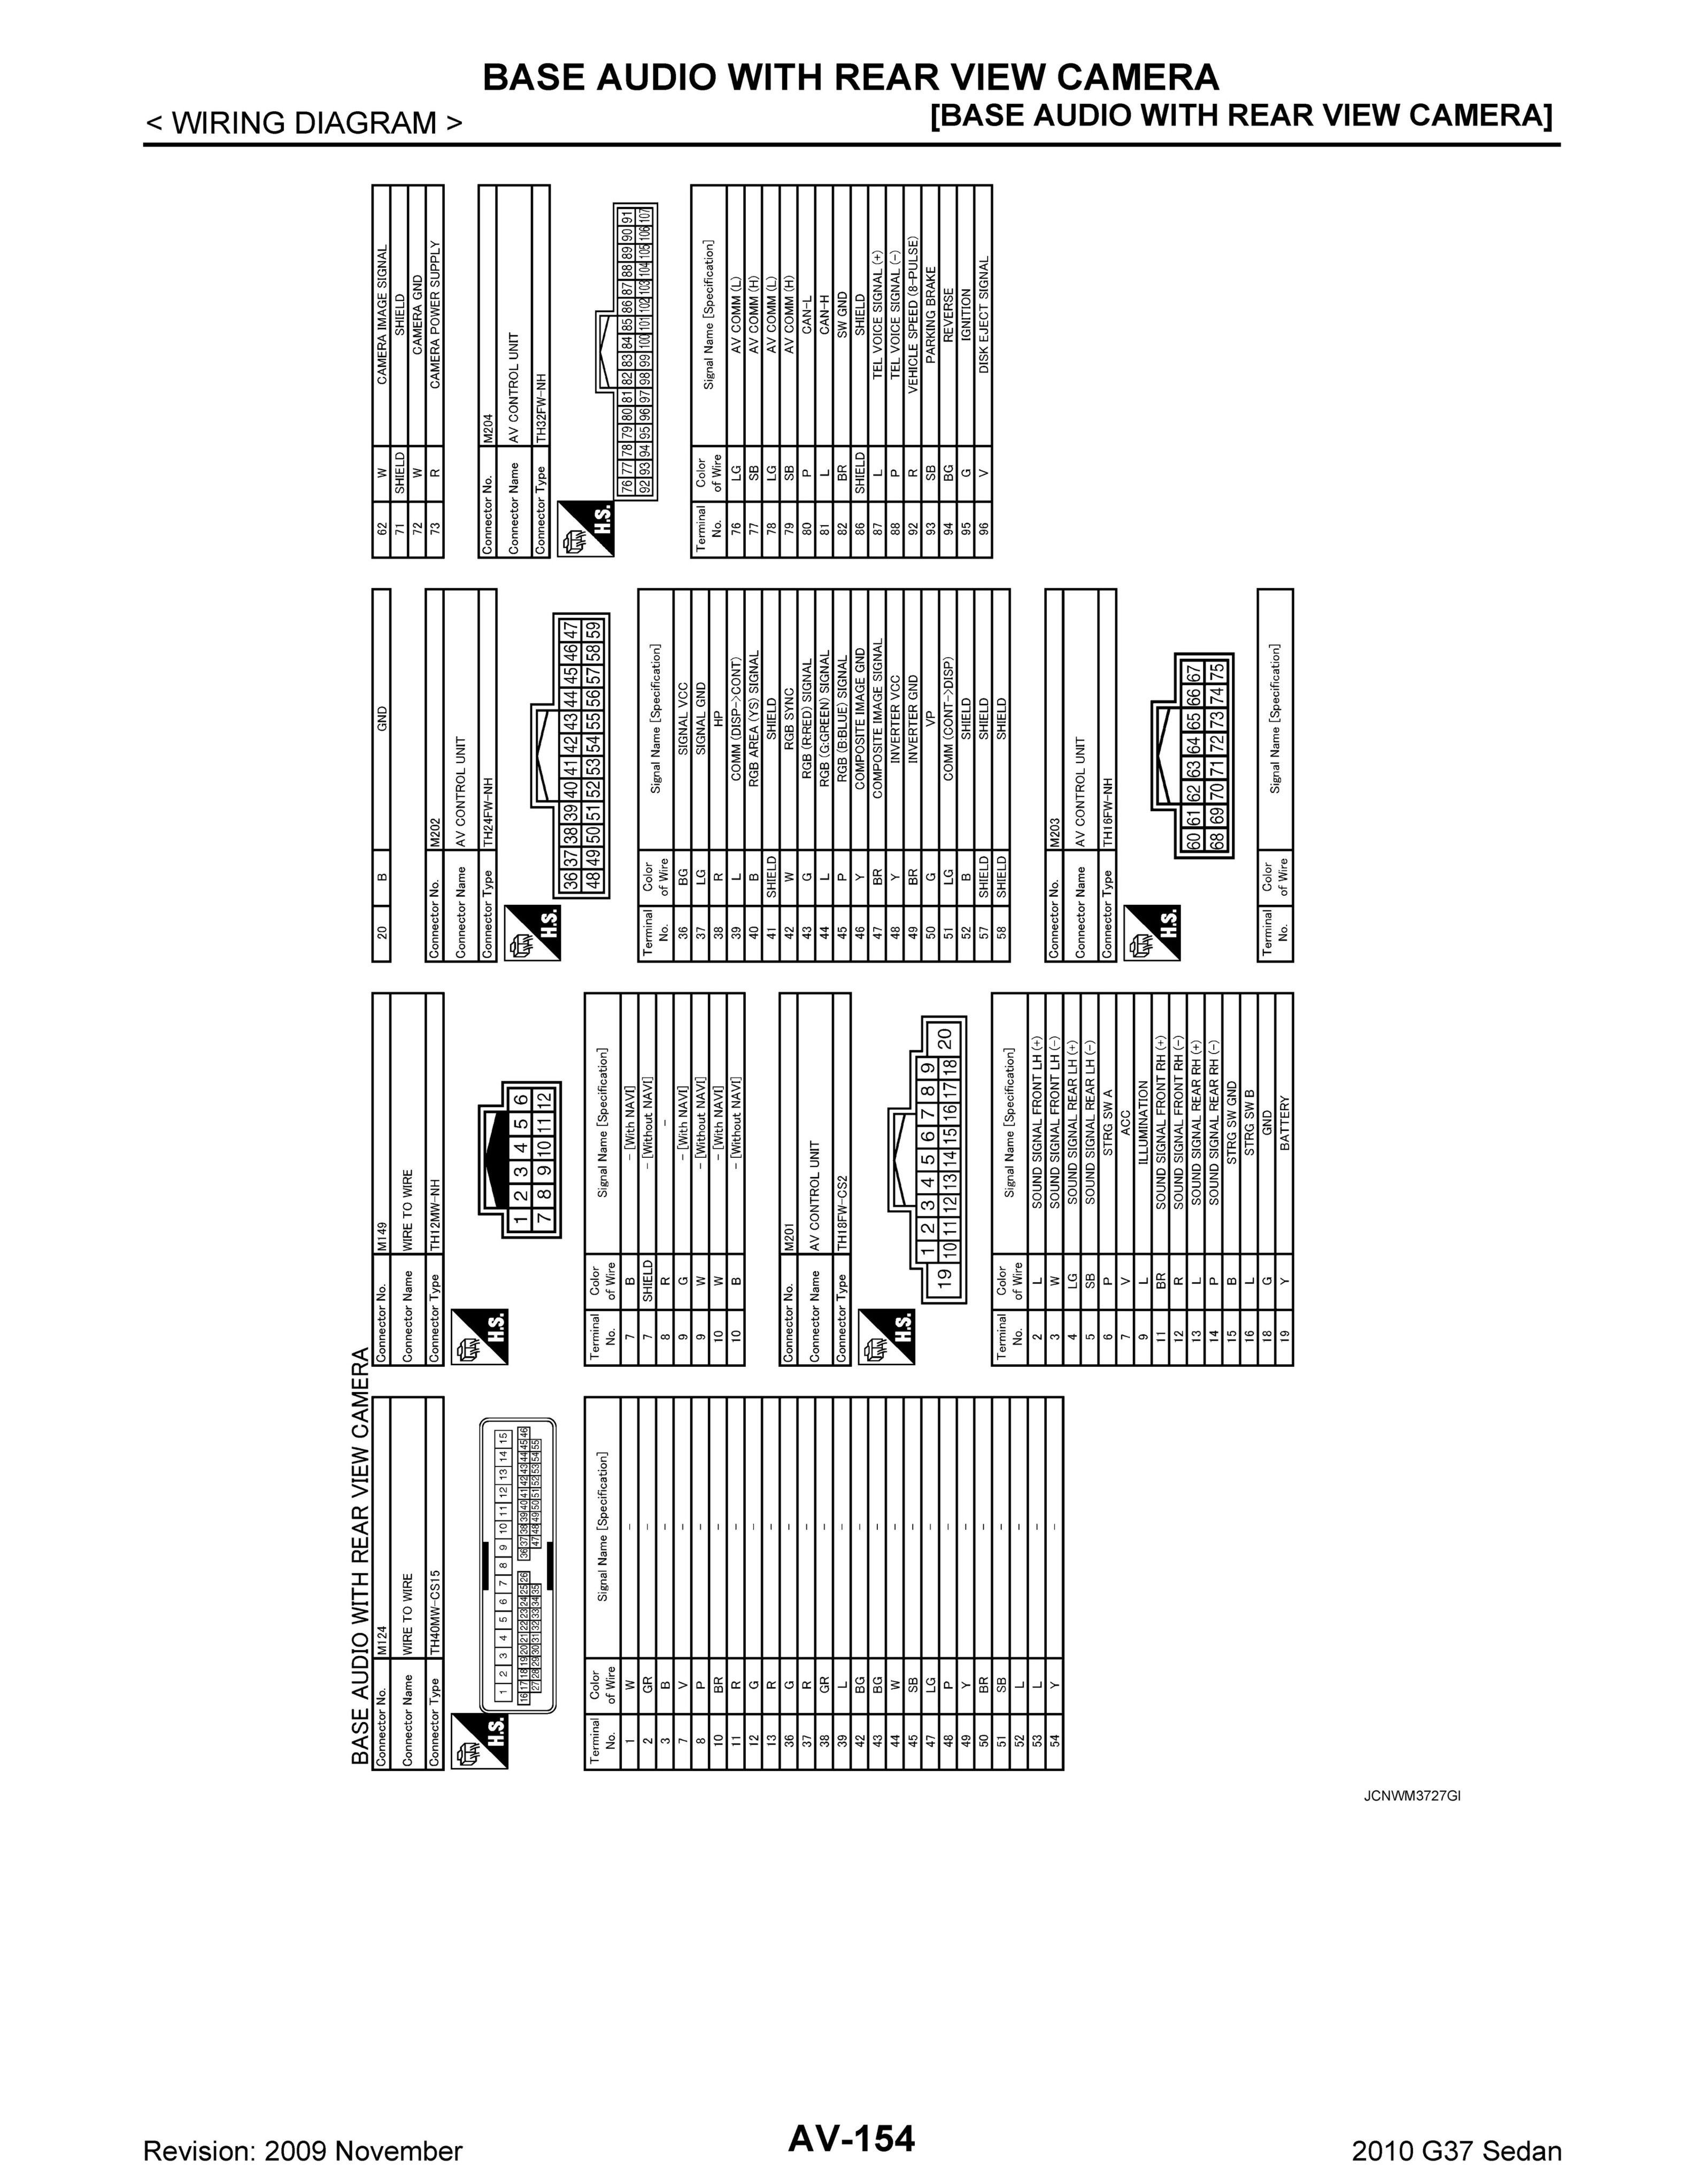 electronics schematics, electrical schematics, circuit schematics, plumbing schematics, ignition schematics, ford diagrams schematics, engine schematics, amplifier schematics, motor schematics, ecu schematics, generator schematics, ductwork schematics, tube amp schematics, wire schematics, transformer schematics, computer schematics, design schematics, engineering schematics, piping schematics, transmission schematics, on infinity wiring schematics